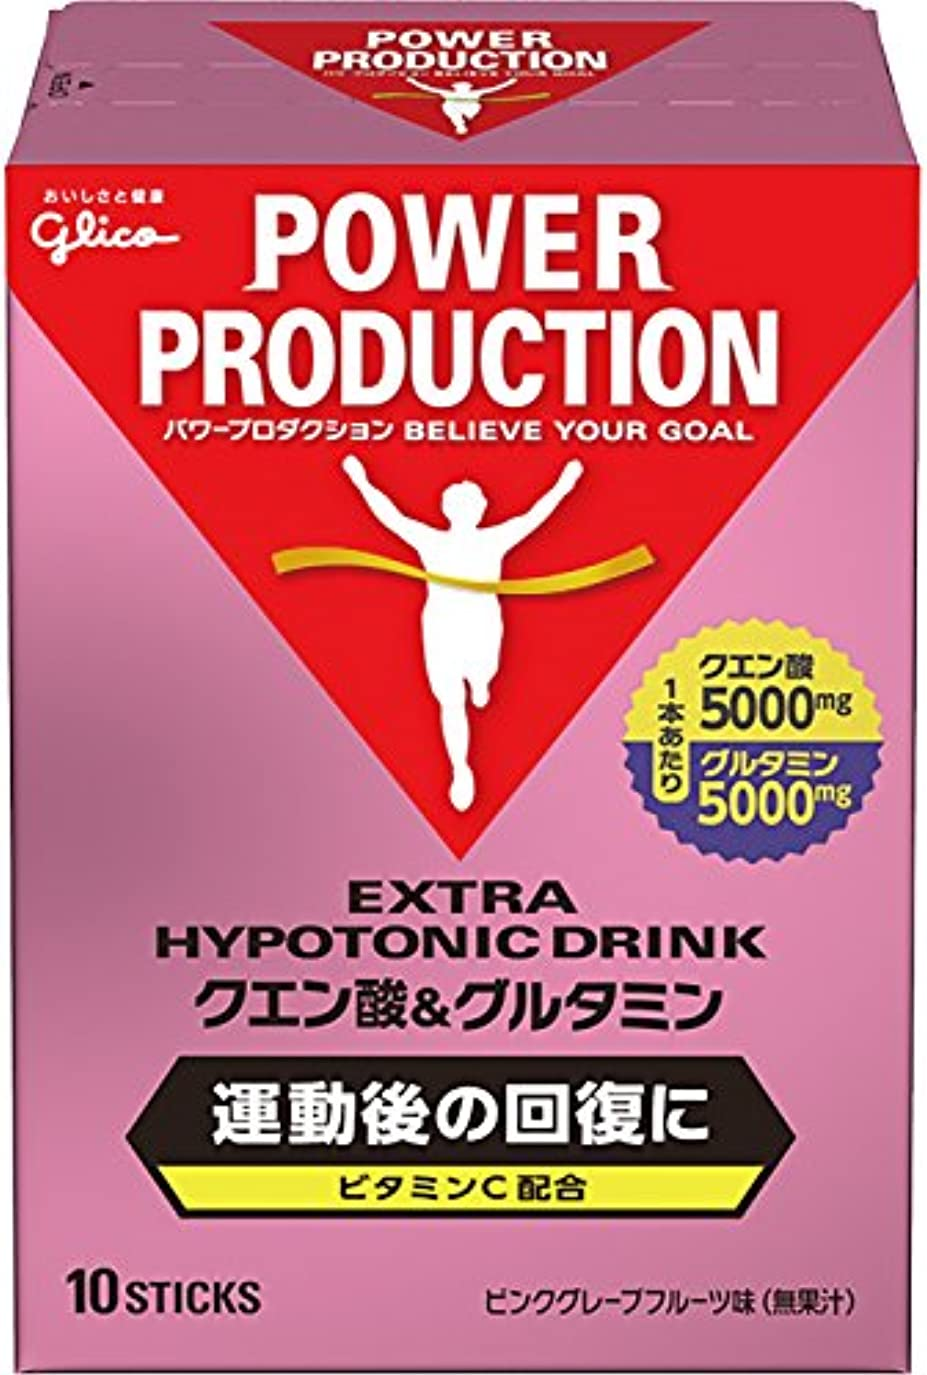 聖職者逆に消費グリコ パワープロダクション エキストラ ハイポトニックドリンク クエン酸&グルタミン ピンクグレープフルーツ味 1袋 (12.4g) 10本